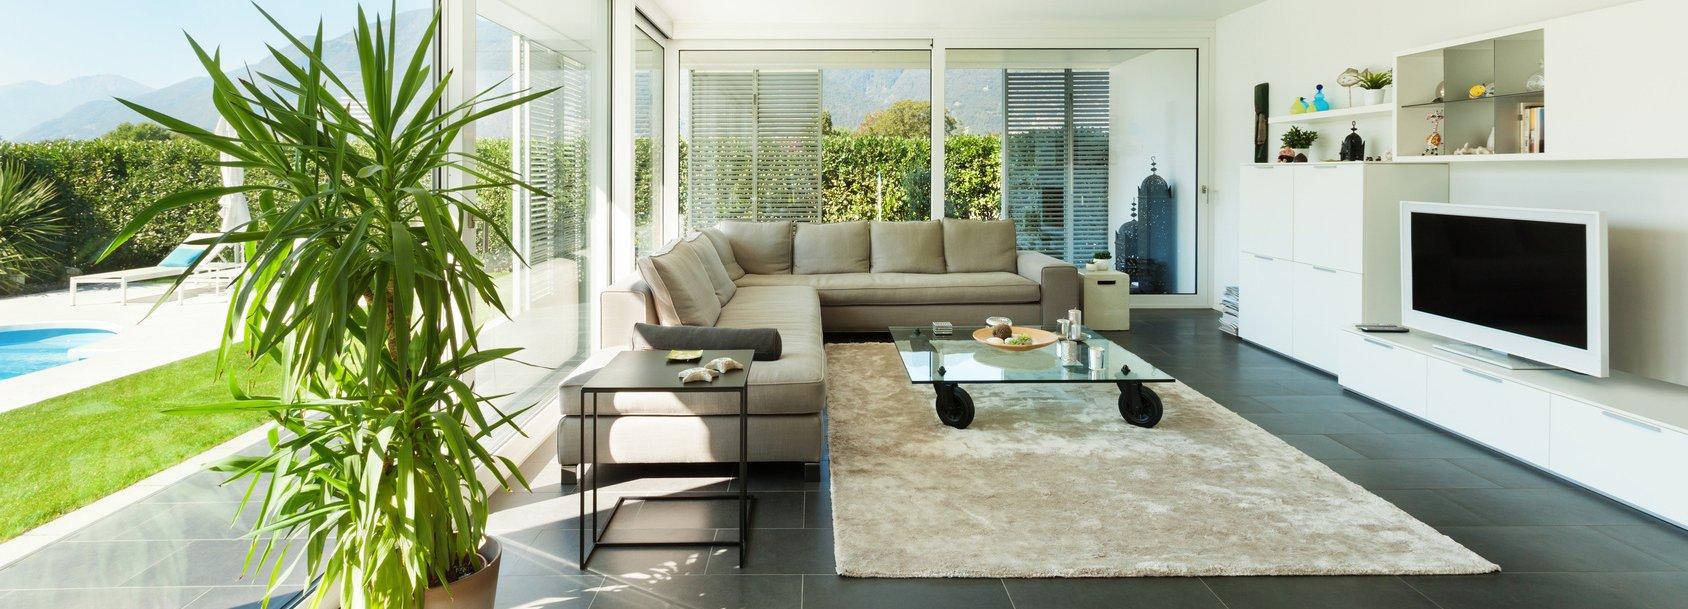 Beautiful Affitti Brevi: La Guida Per Chi Offre O Sceglie Una Casa Vacanza   Cose Di  Casa